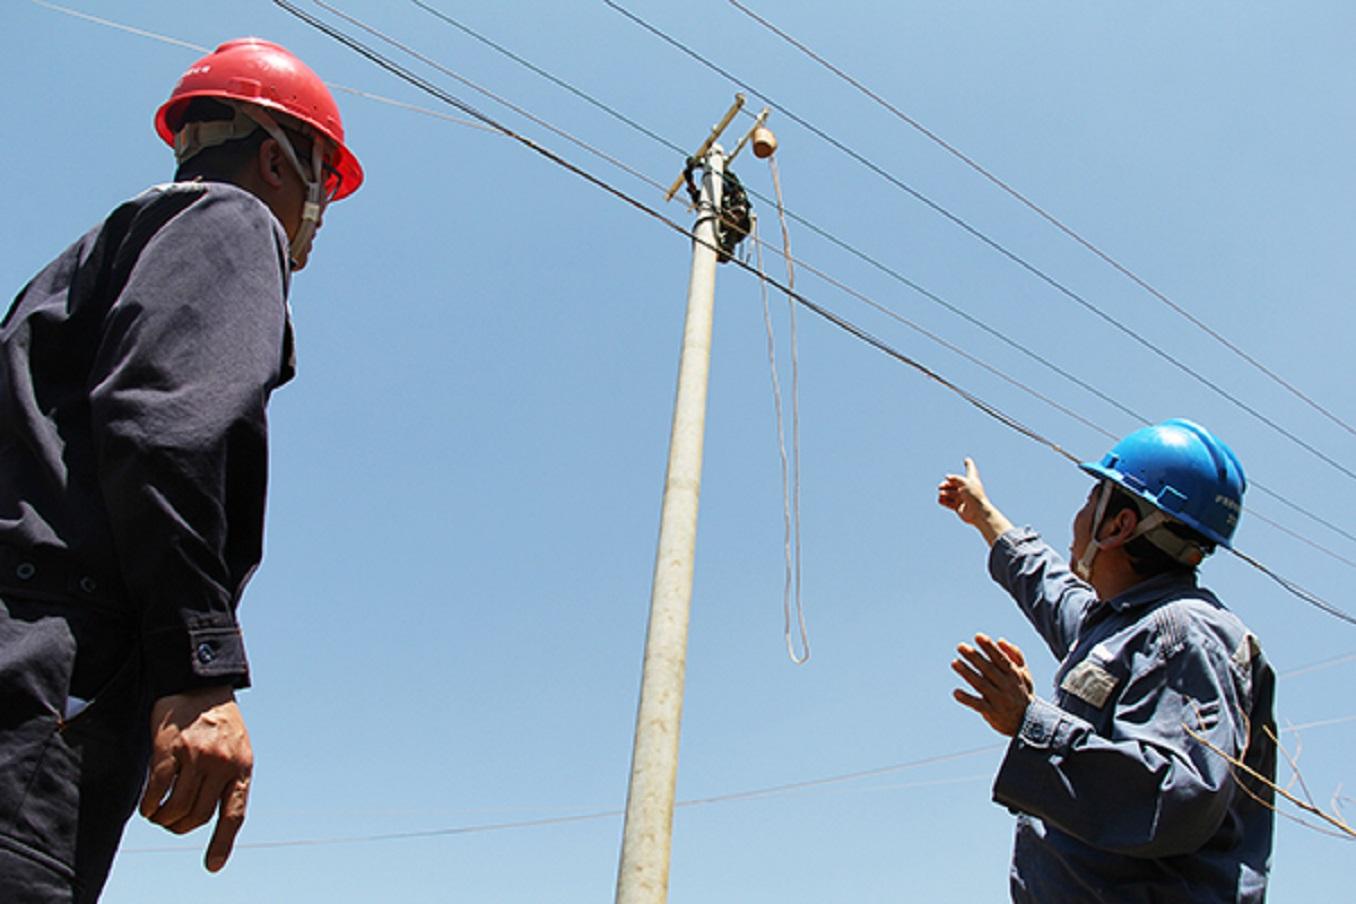 云南泸西供电电网改造 预计投资5.28亿